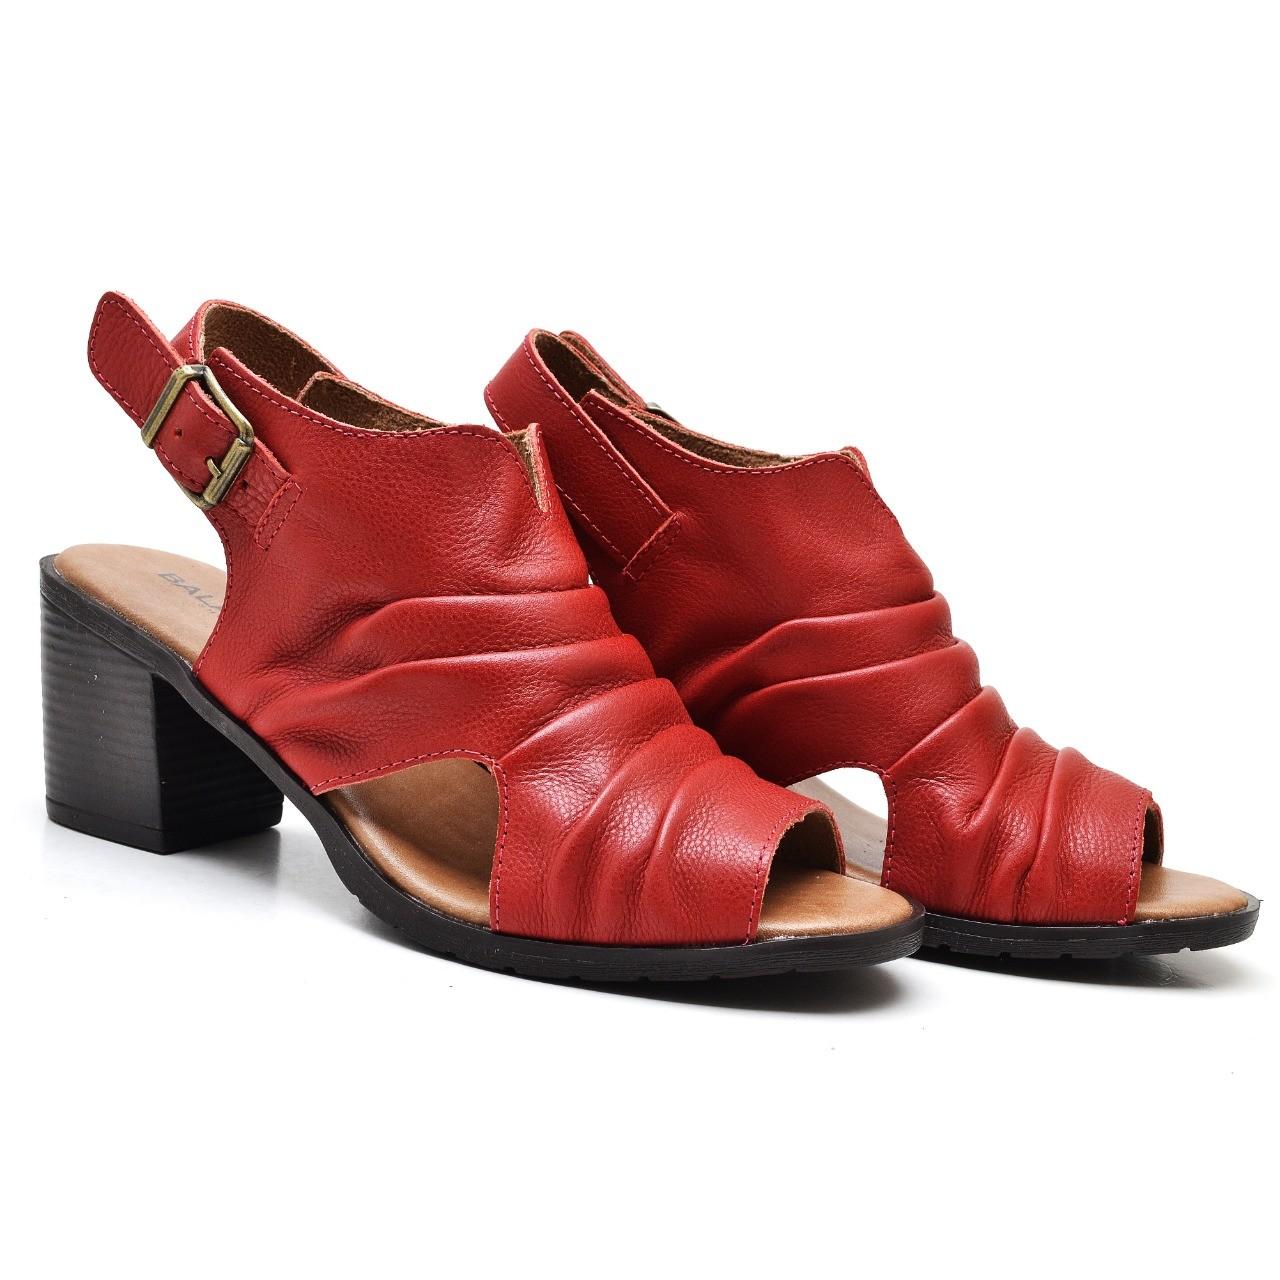 Sandália em Couro Vermelha LD048